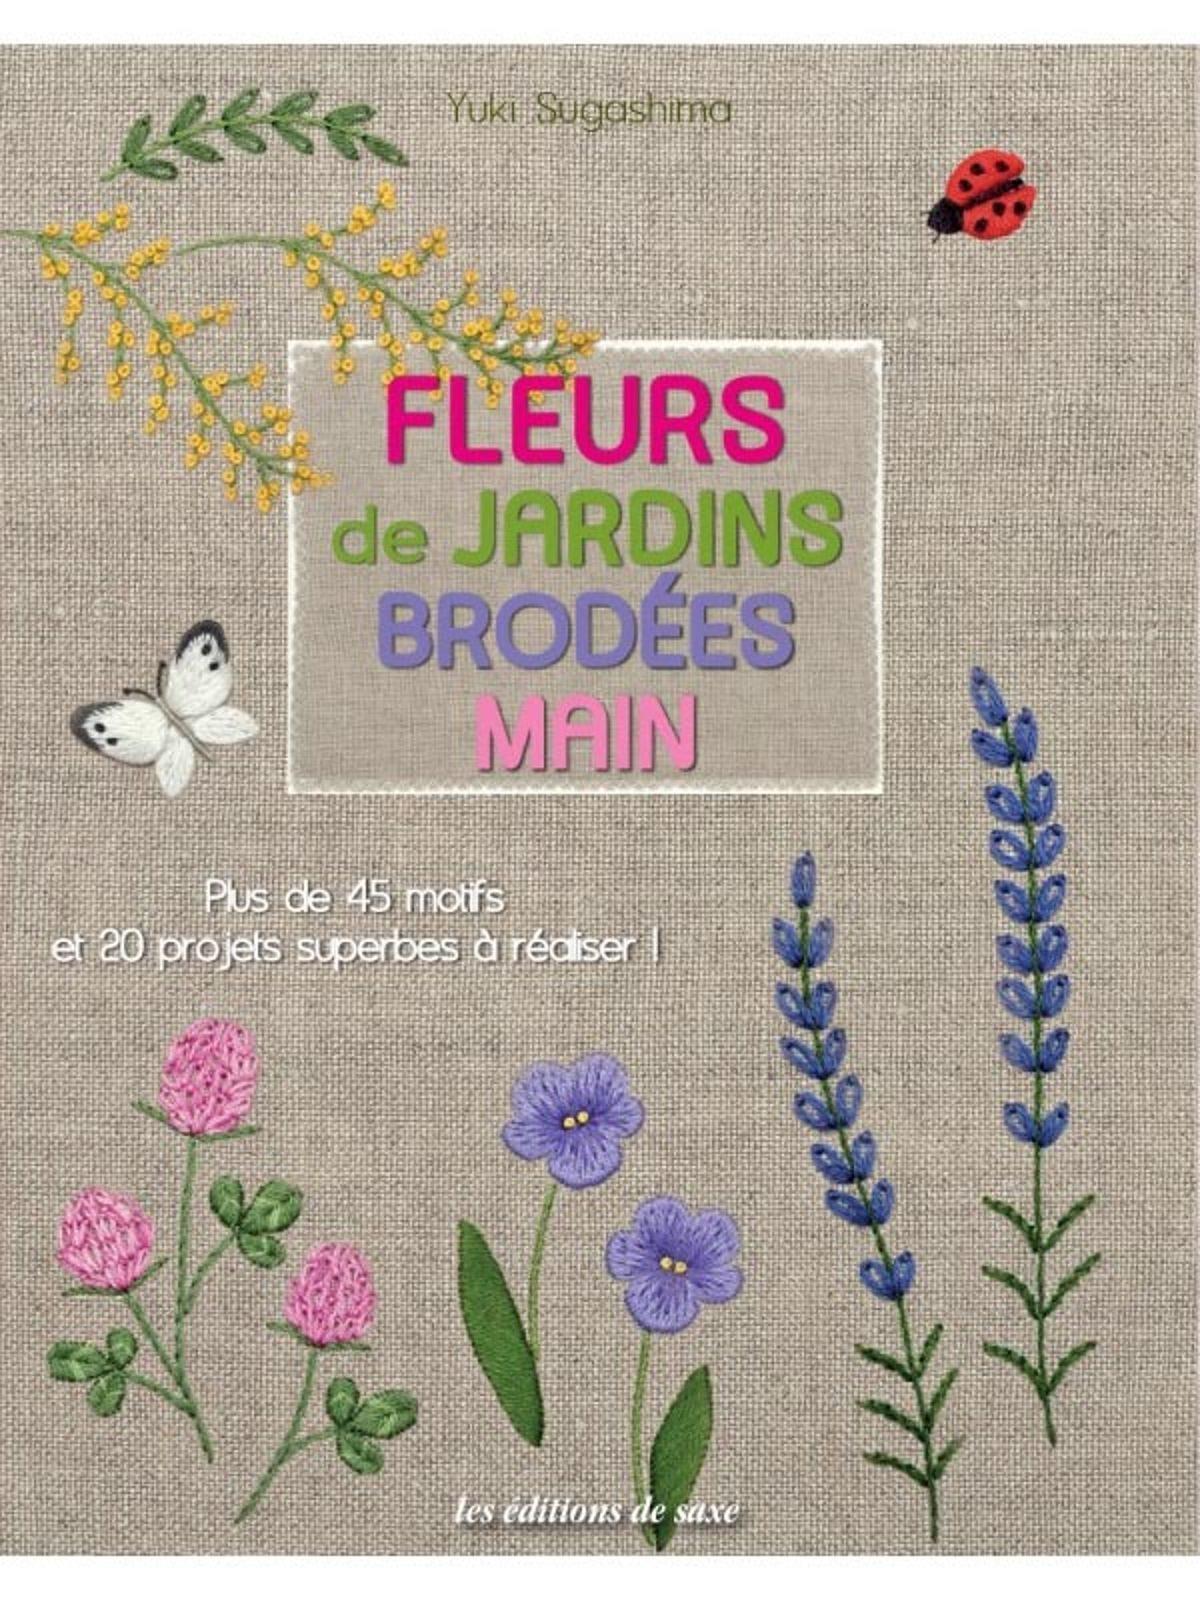 fleurs de jardins brodees mains